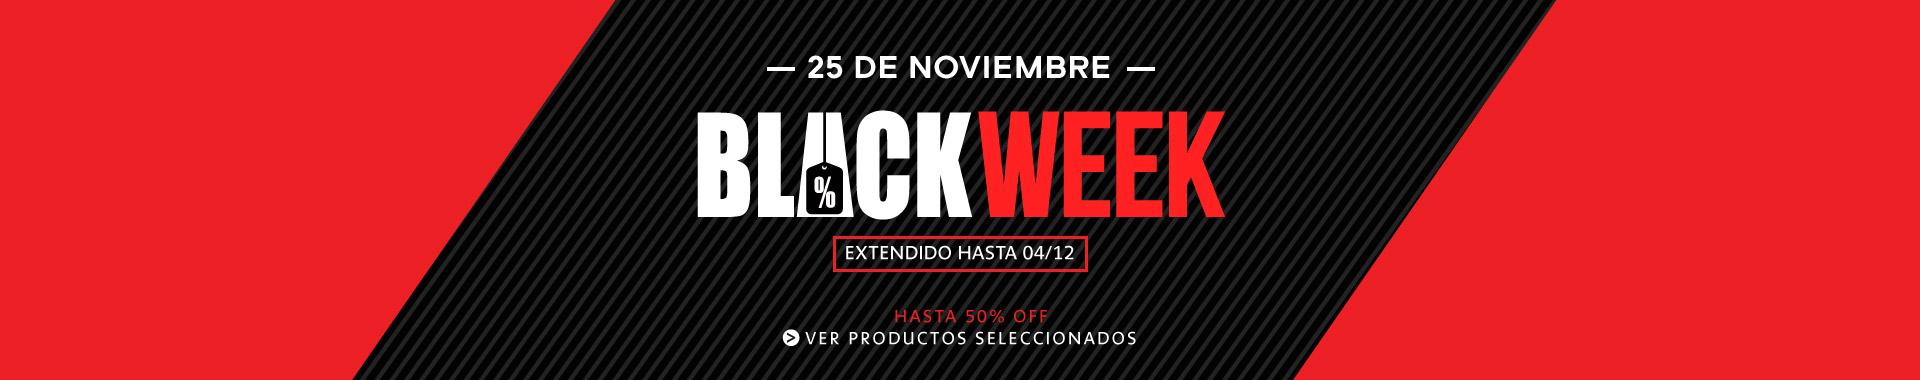 BlackWeek